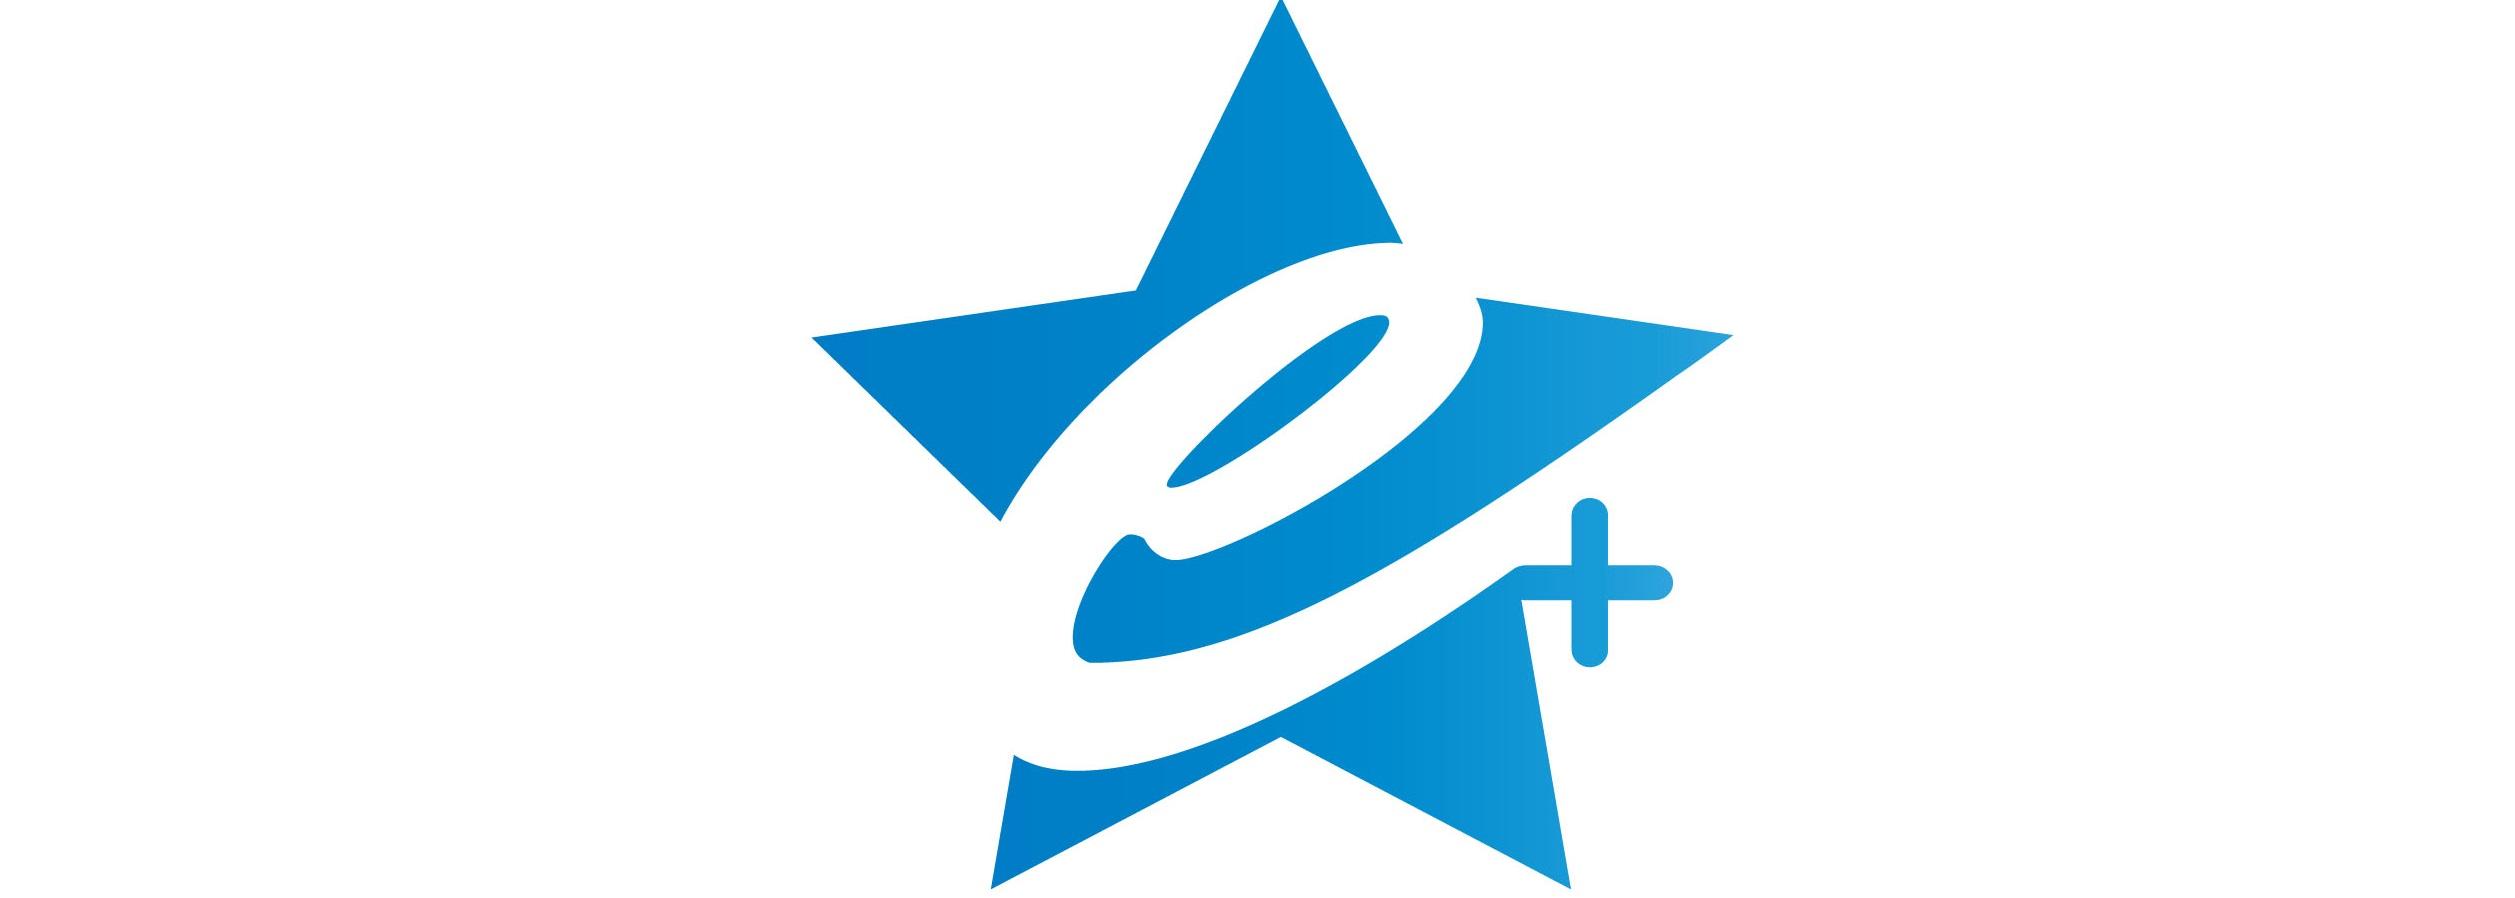 EventPlusBG logo